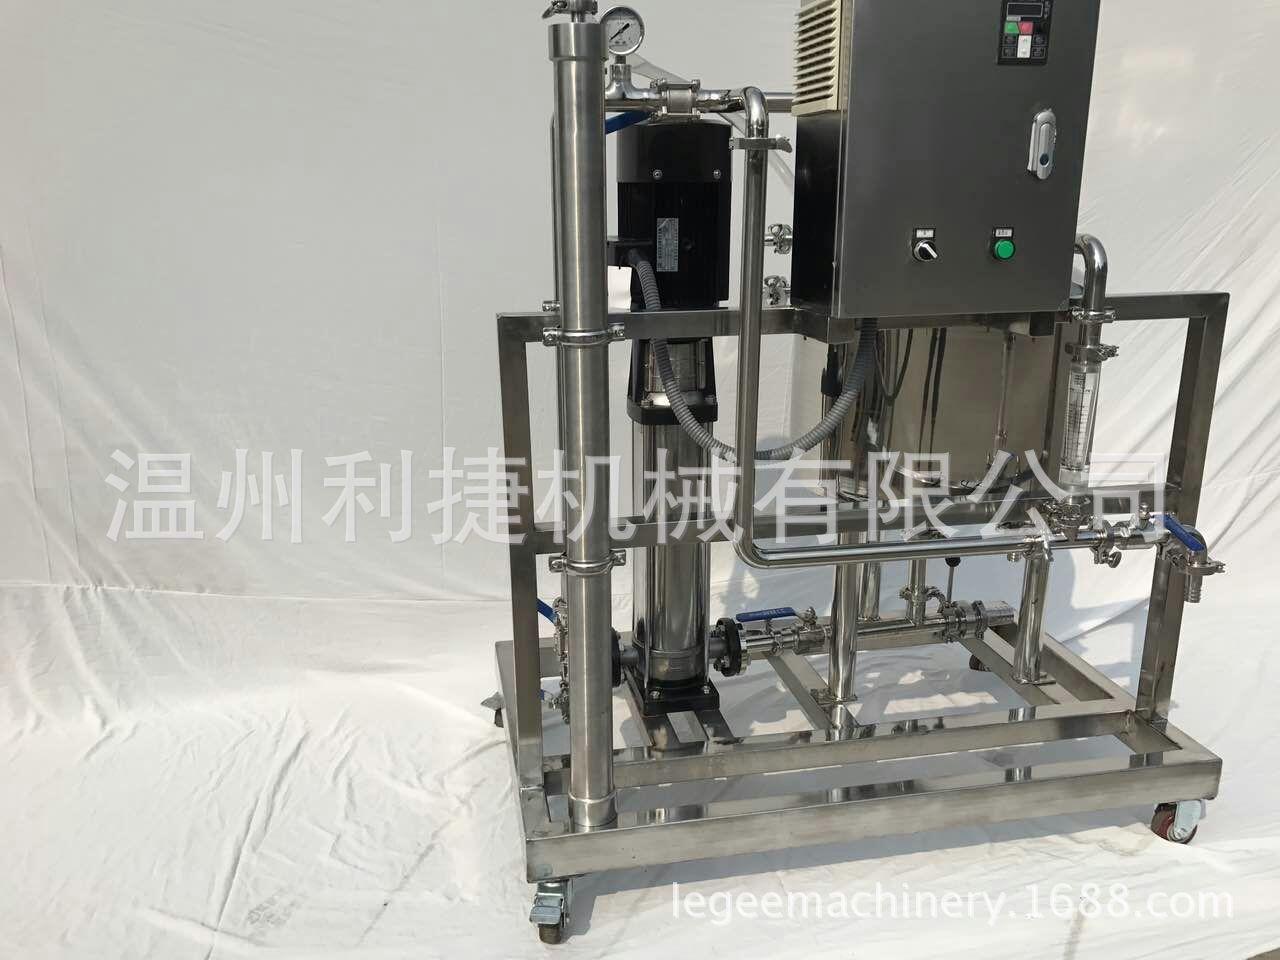 全自动反渗透水处理设备 净水器 纯净水生产设备示例图3